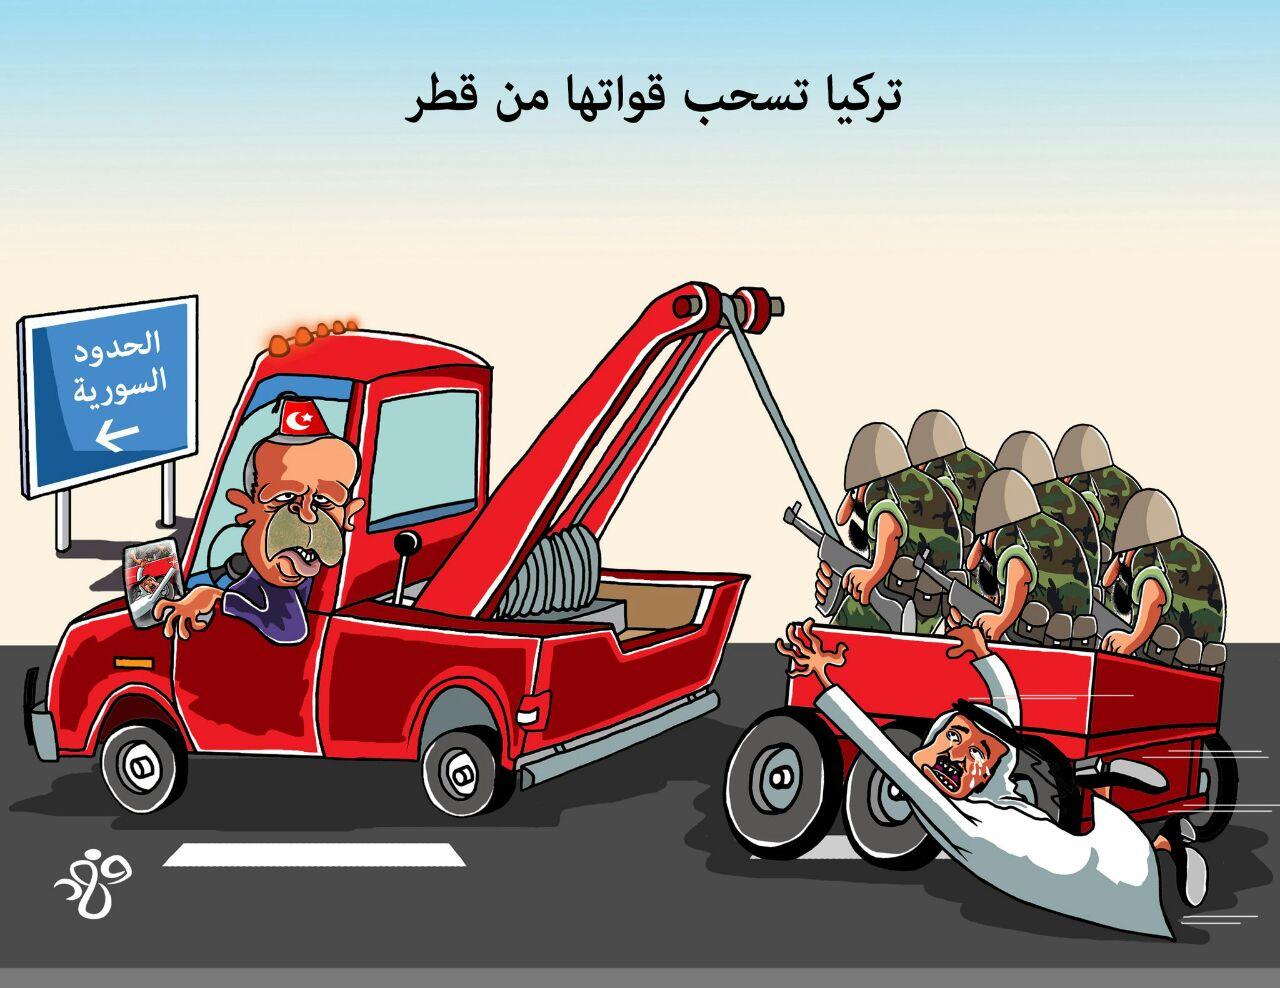 كاريكاتير.. العشق المفضوح بين تميم وأردوغان